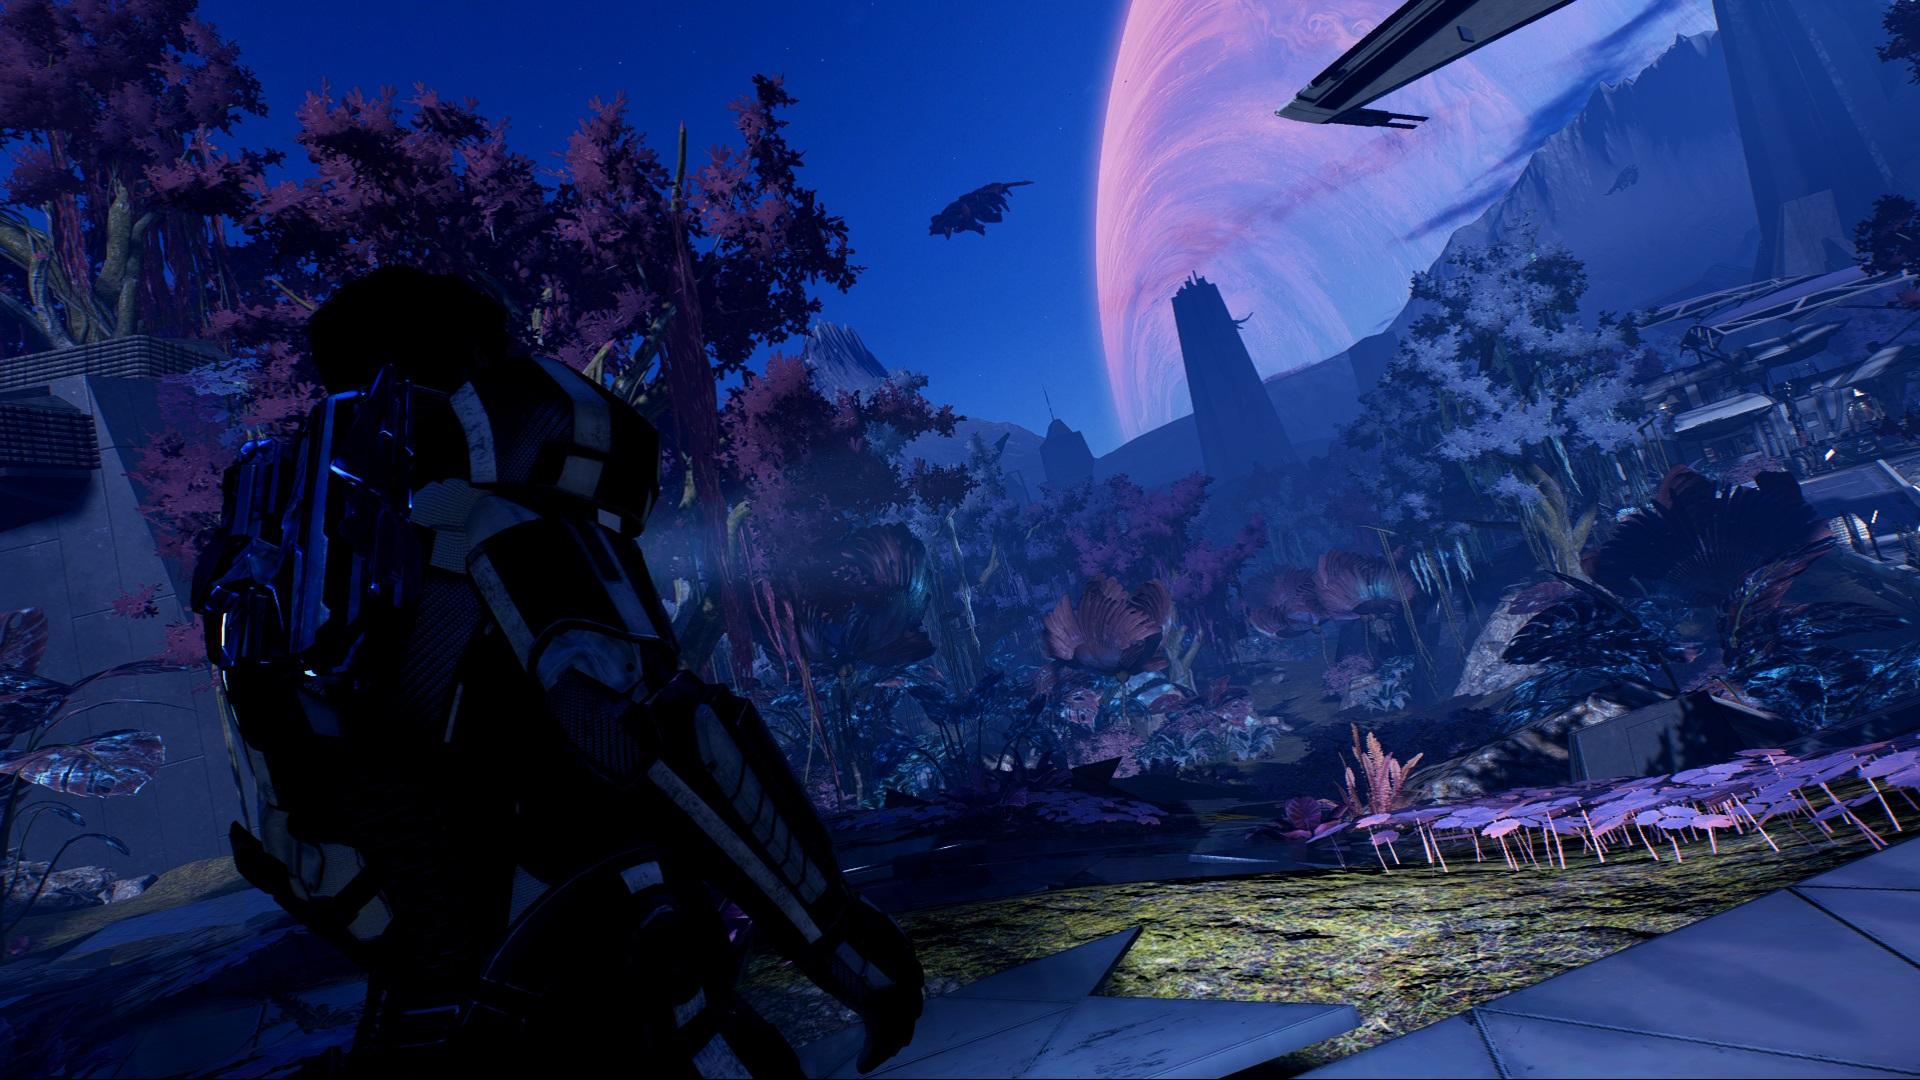 Je Mass Effect: Andromeda špatná hra? 13130